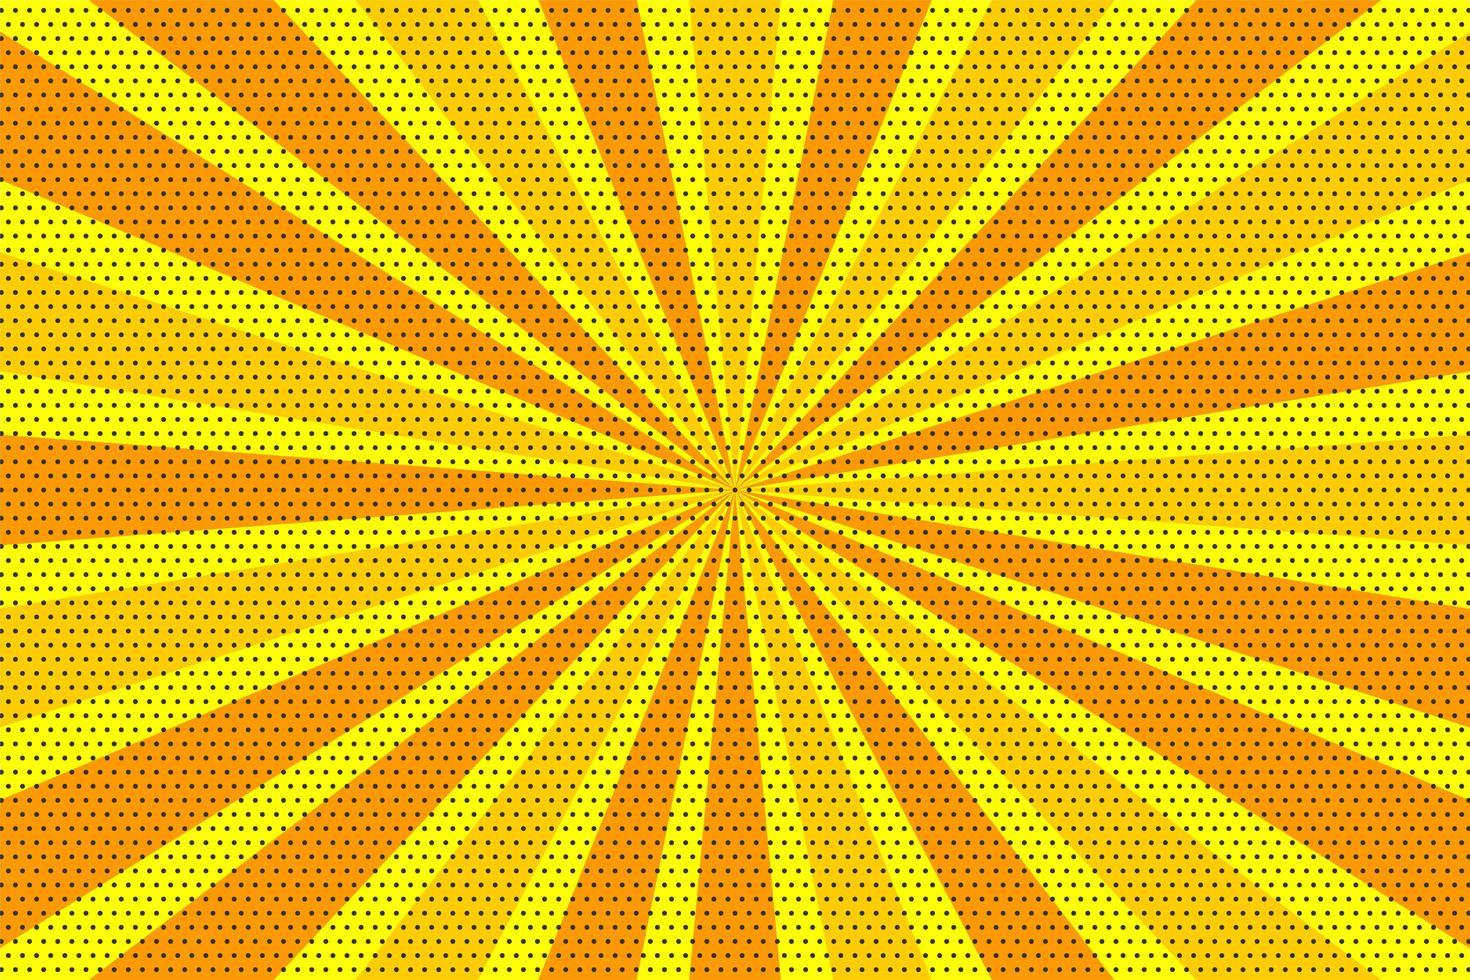 gul och orange popkonst vintage radiell halvton bakgrund vektor